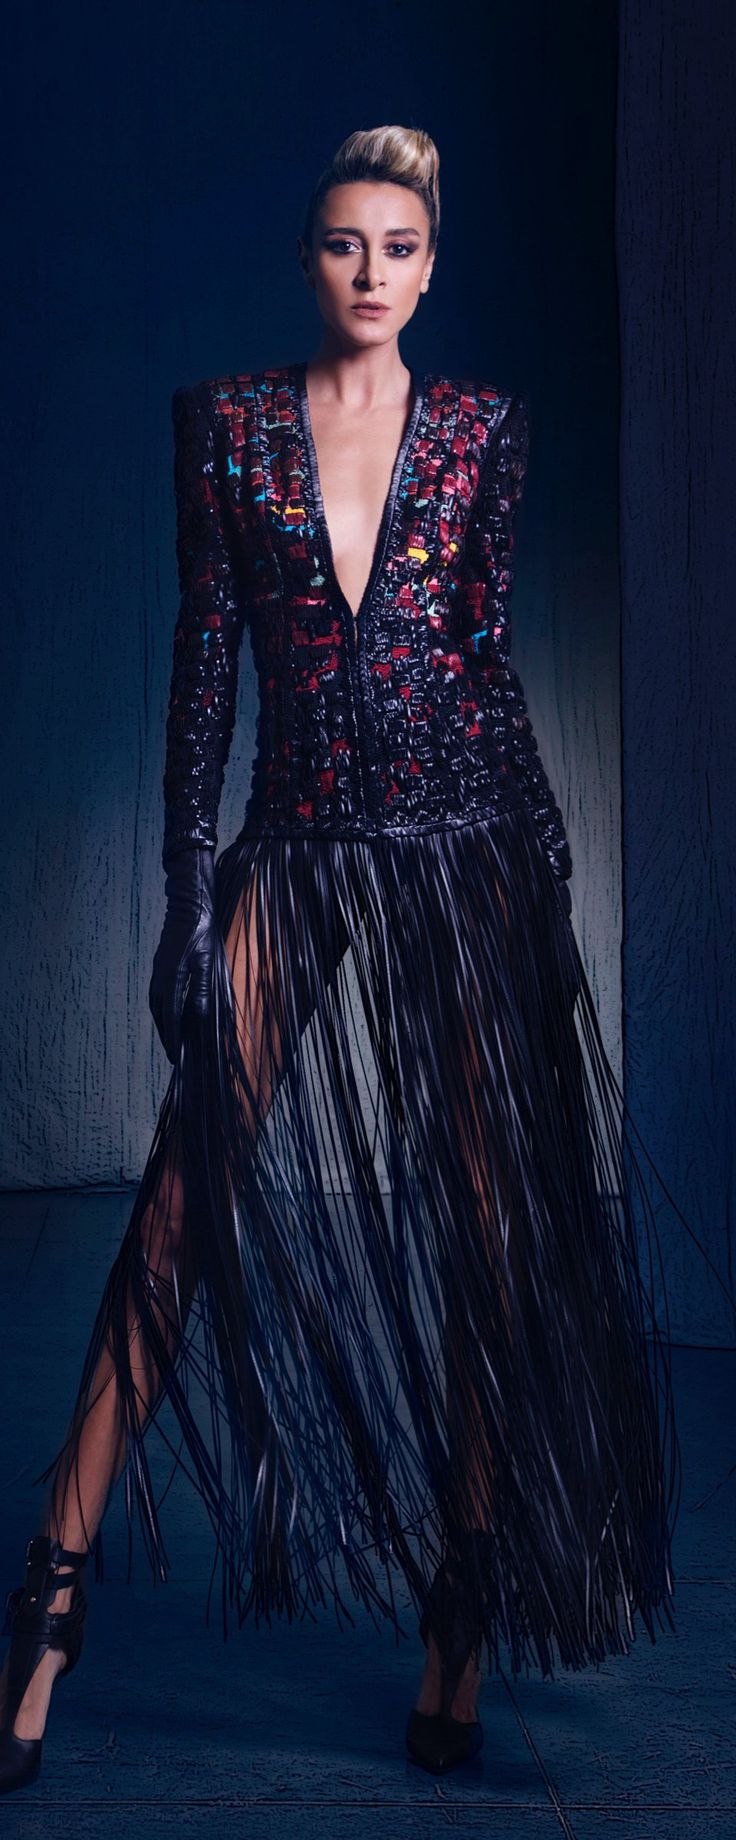 25 best haut couture images on Pinterest   Abendkleid, Frühjahr ...